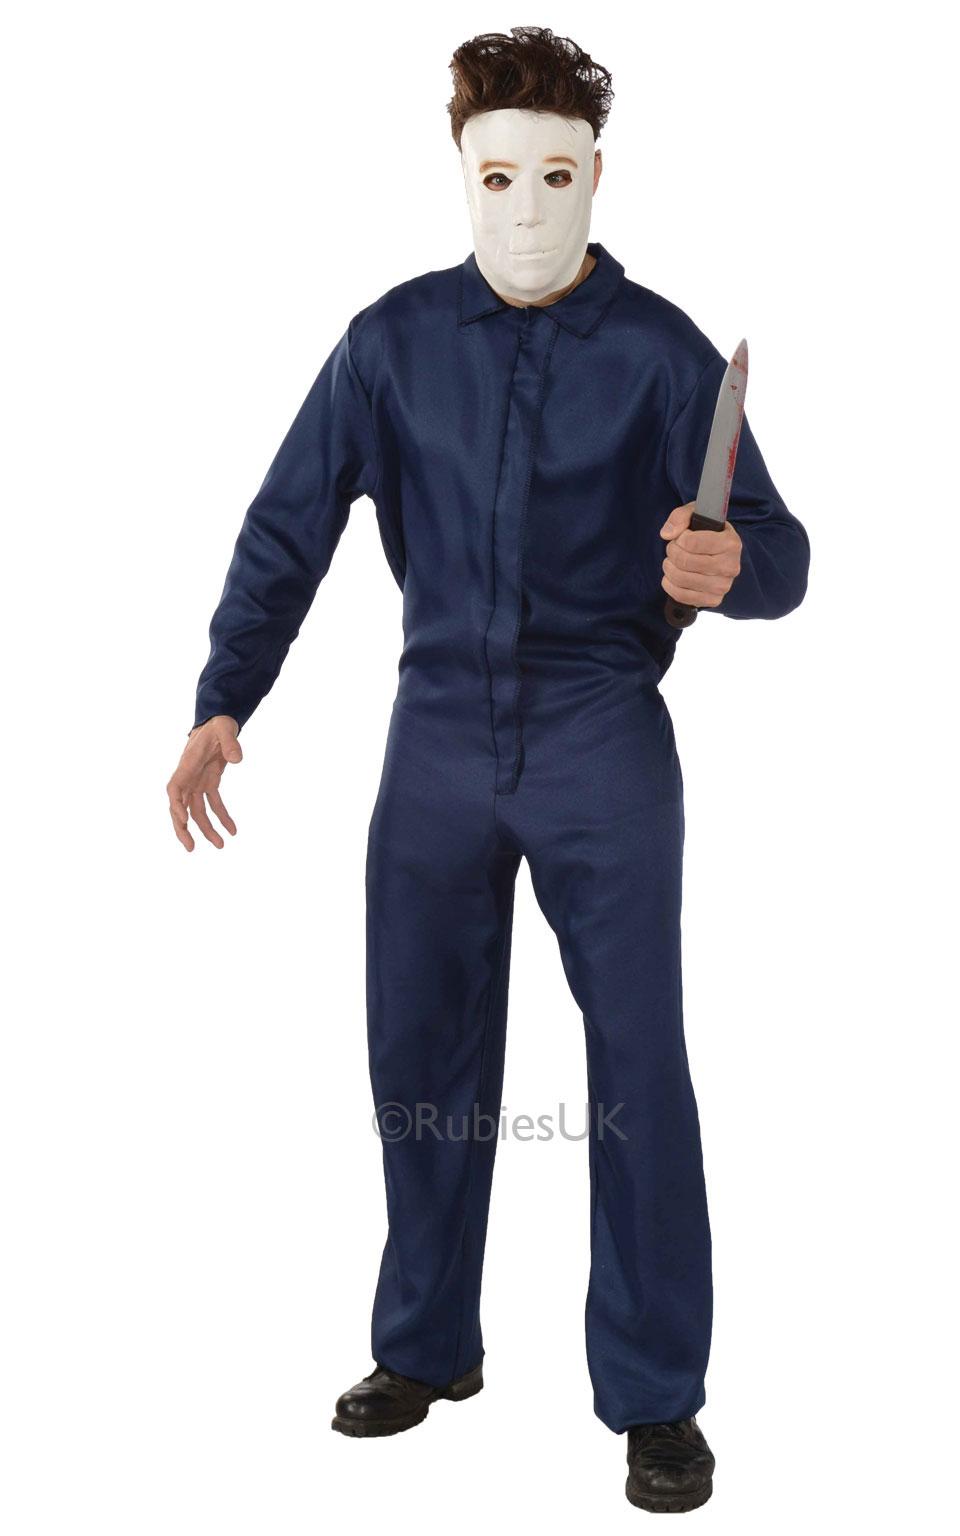 Halloween Michael Myers Costume.Halloween Michael Myers Costume